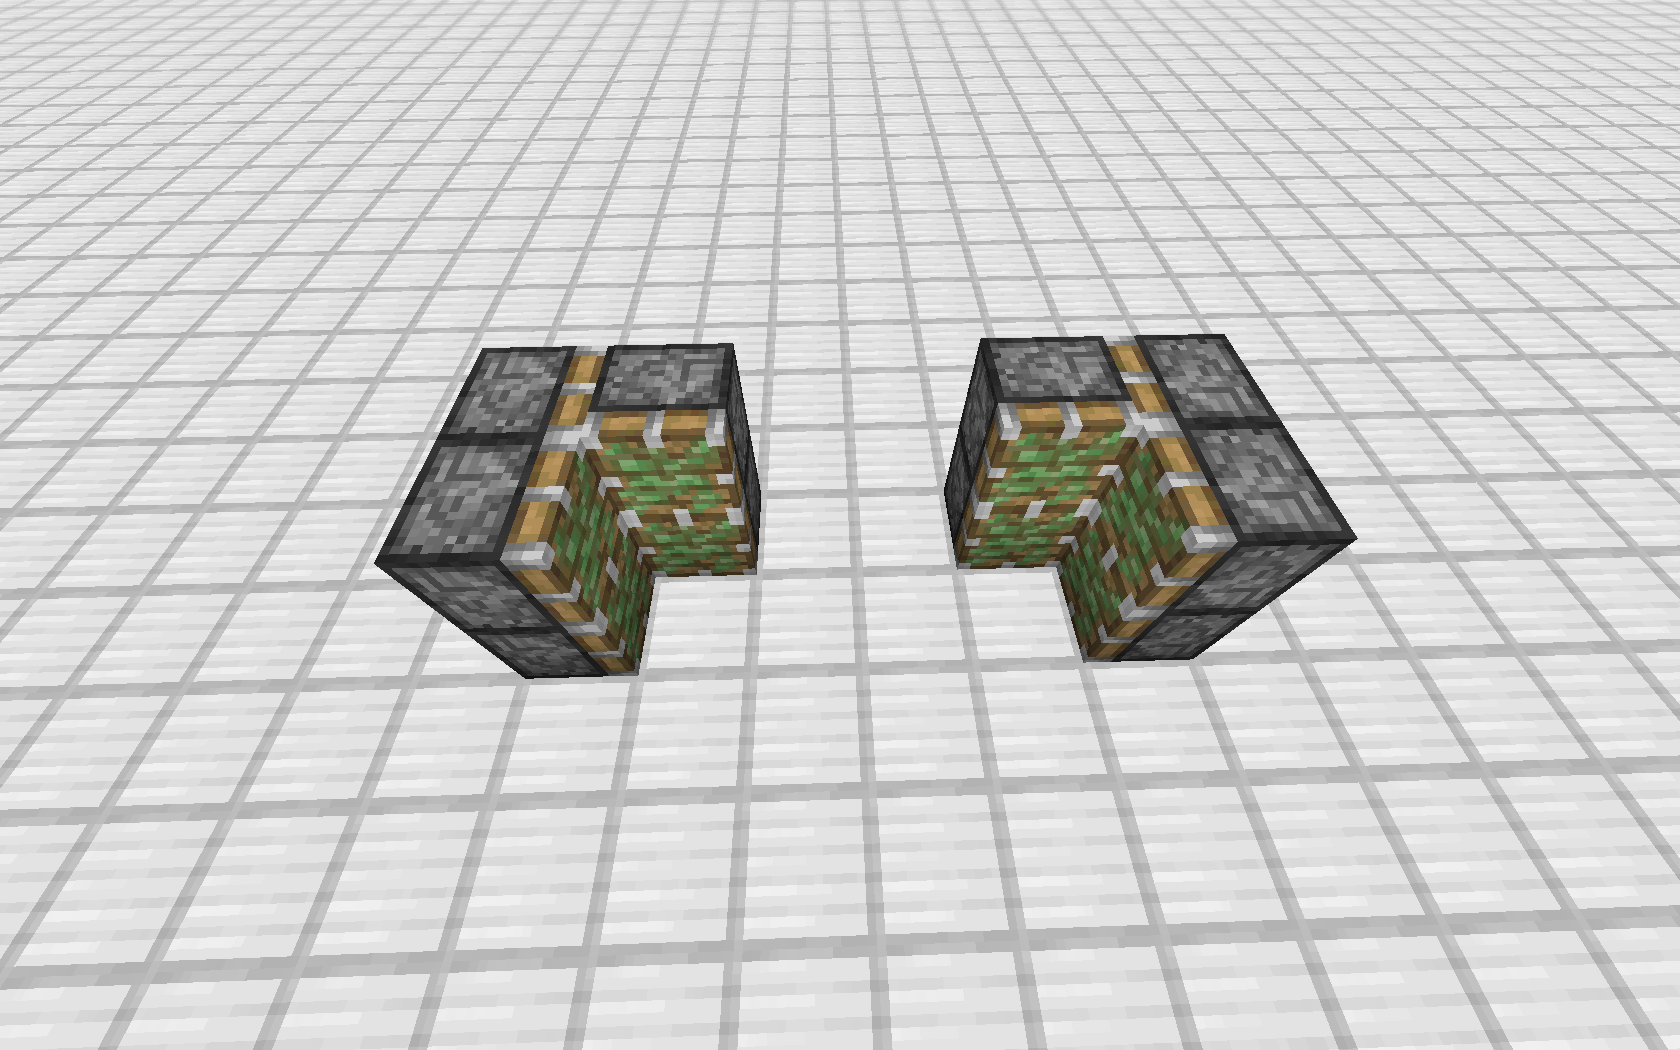 Minecraft comment faire une porte cach e avec des pistons - Comment on fait une table d enchantement dans minecraft ...